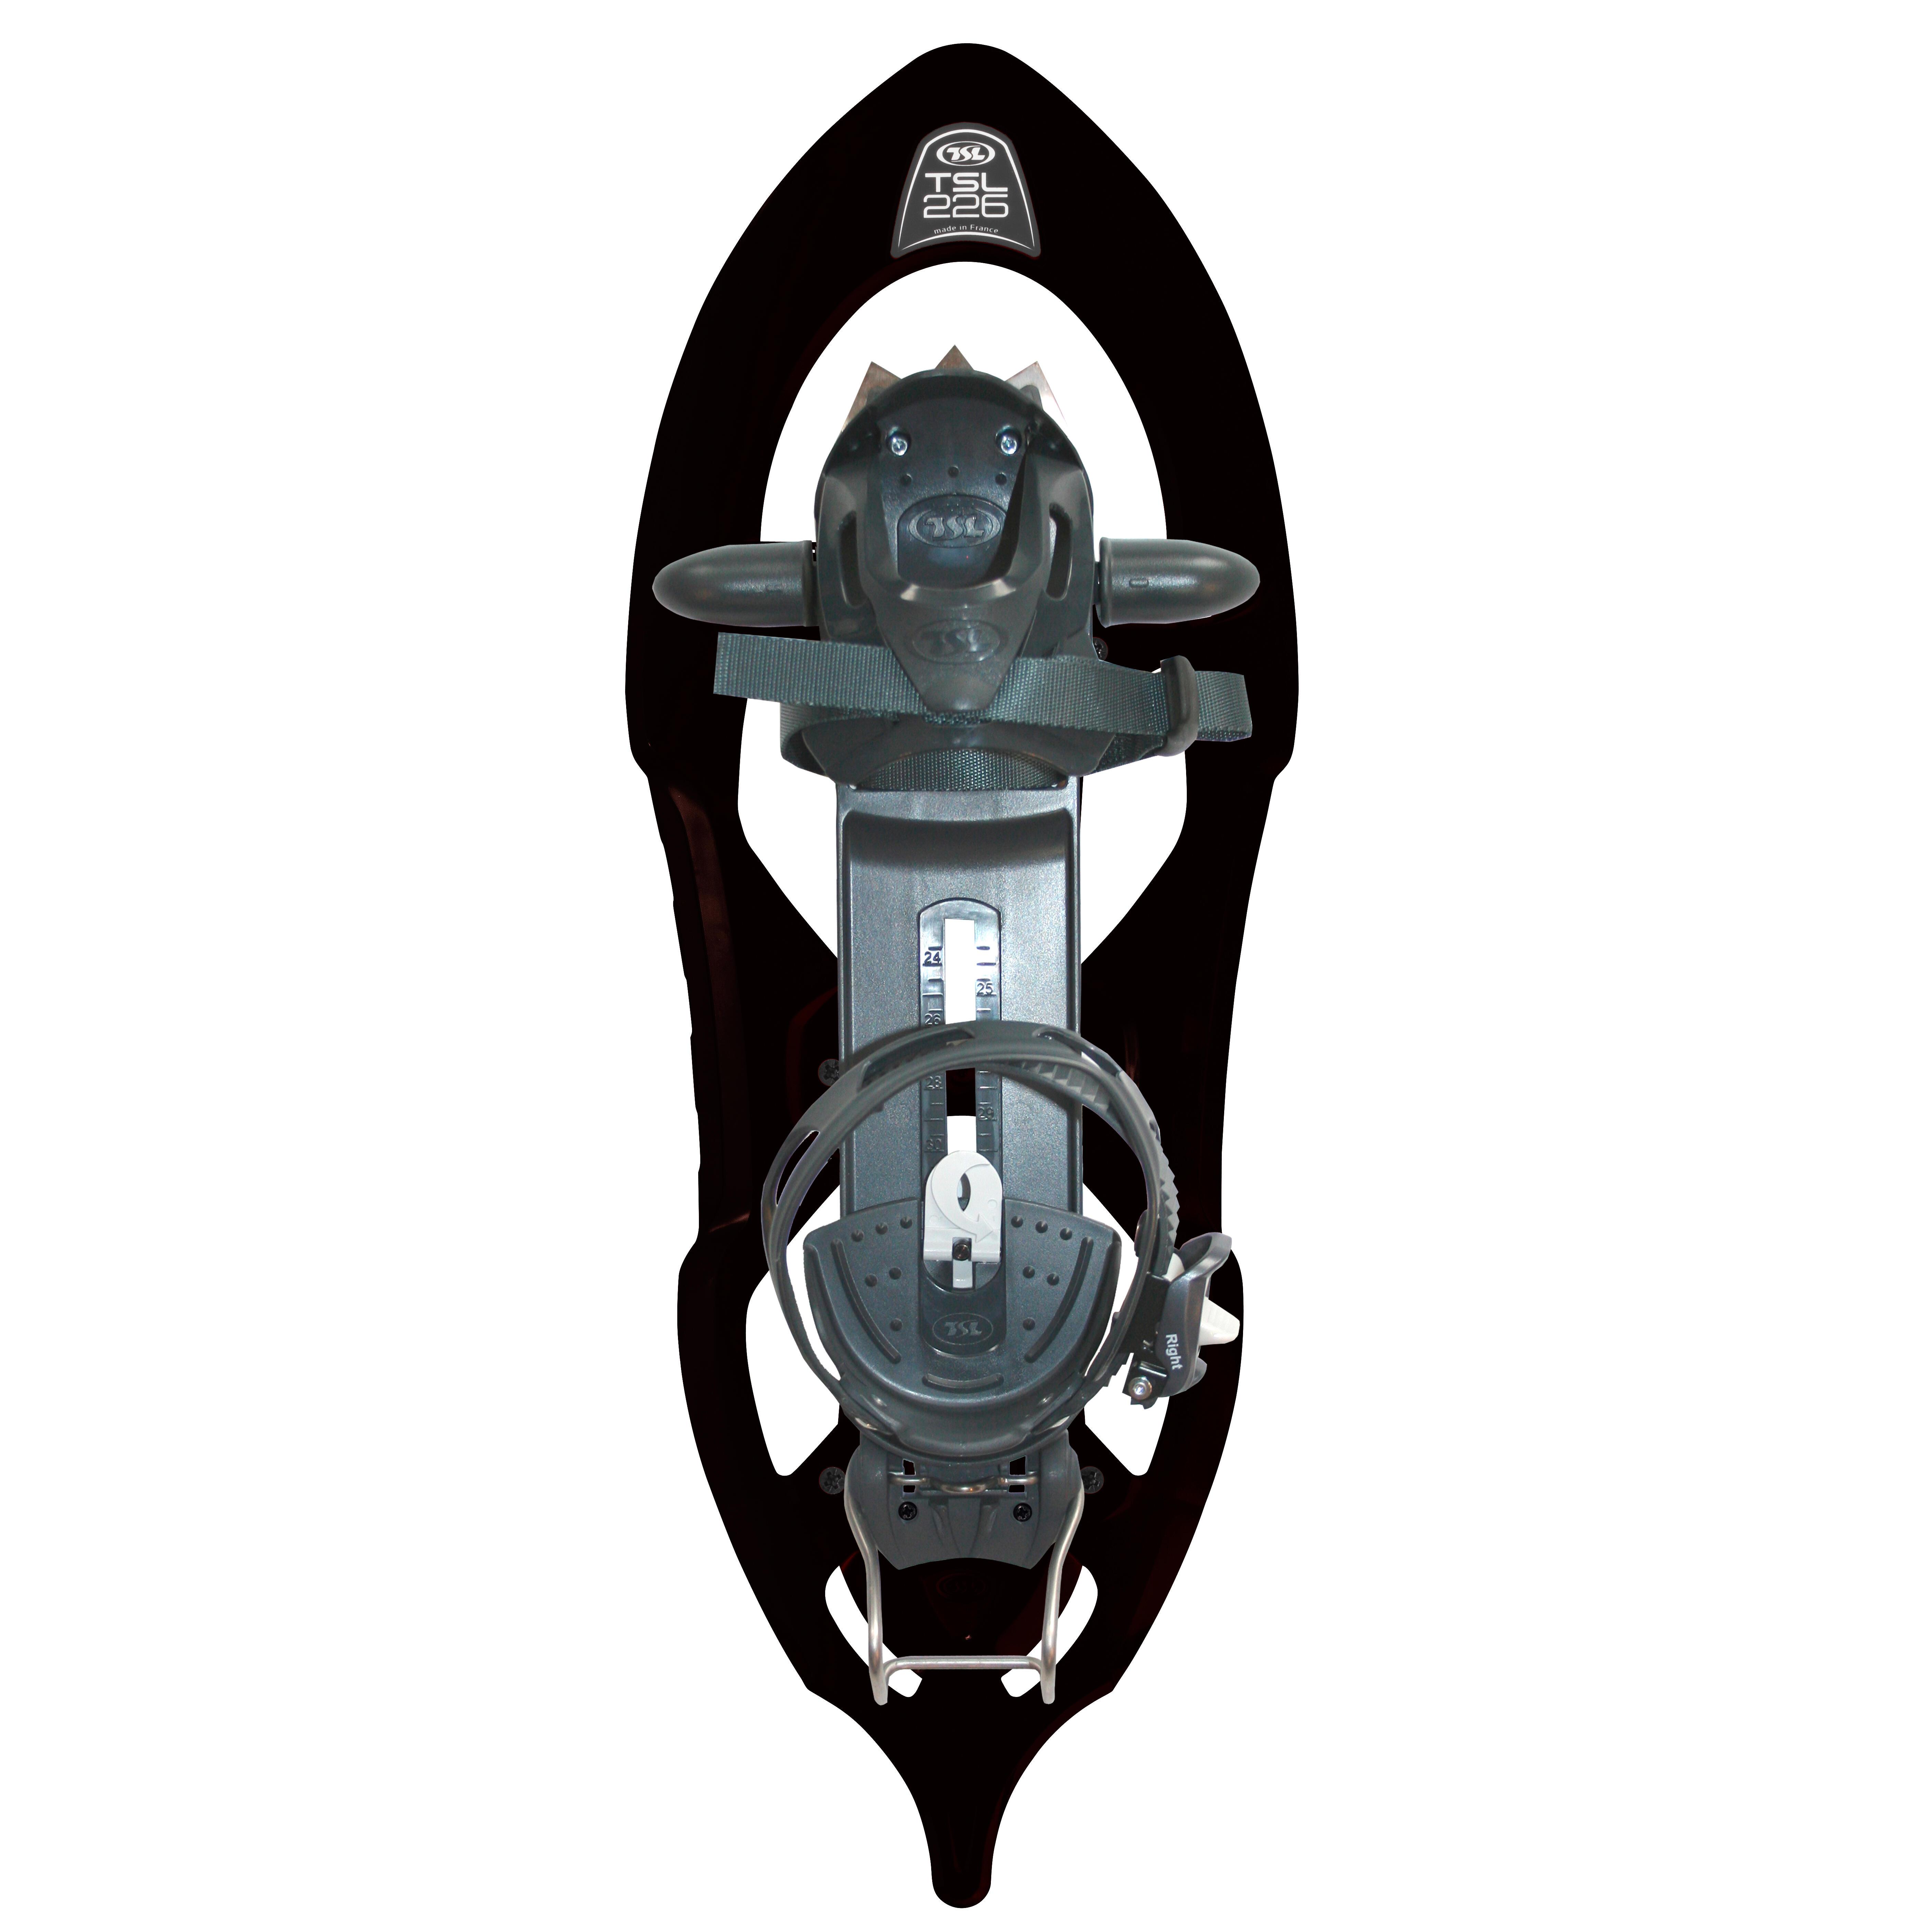 Schneeschuhe TSL 226 EVO großer Rahmen schwarz | Schuhe > Sportschuhe > Schneeschuhe | Tsl